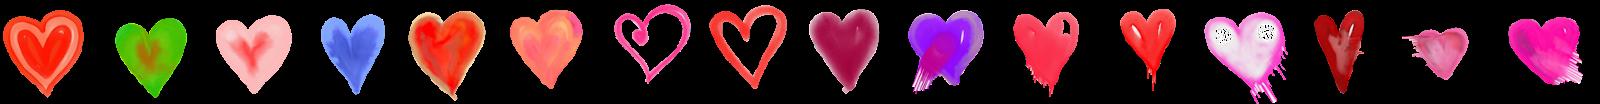 heartborder.png